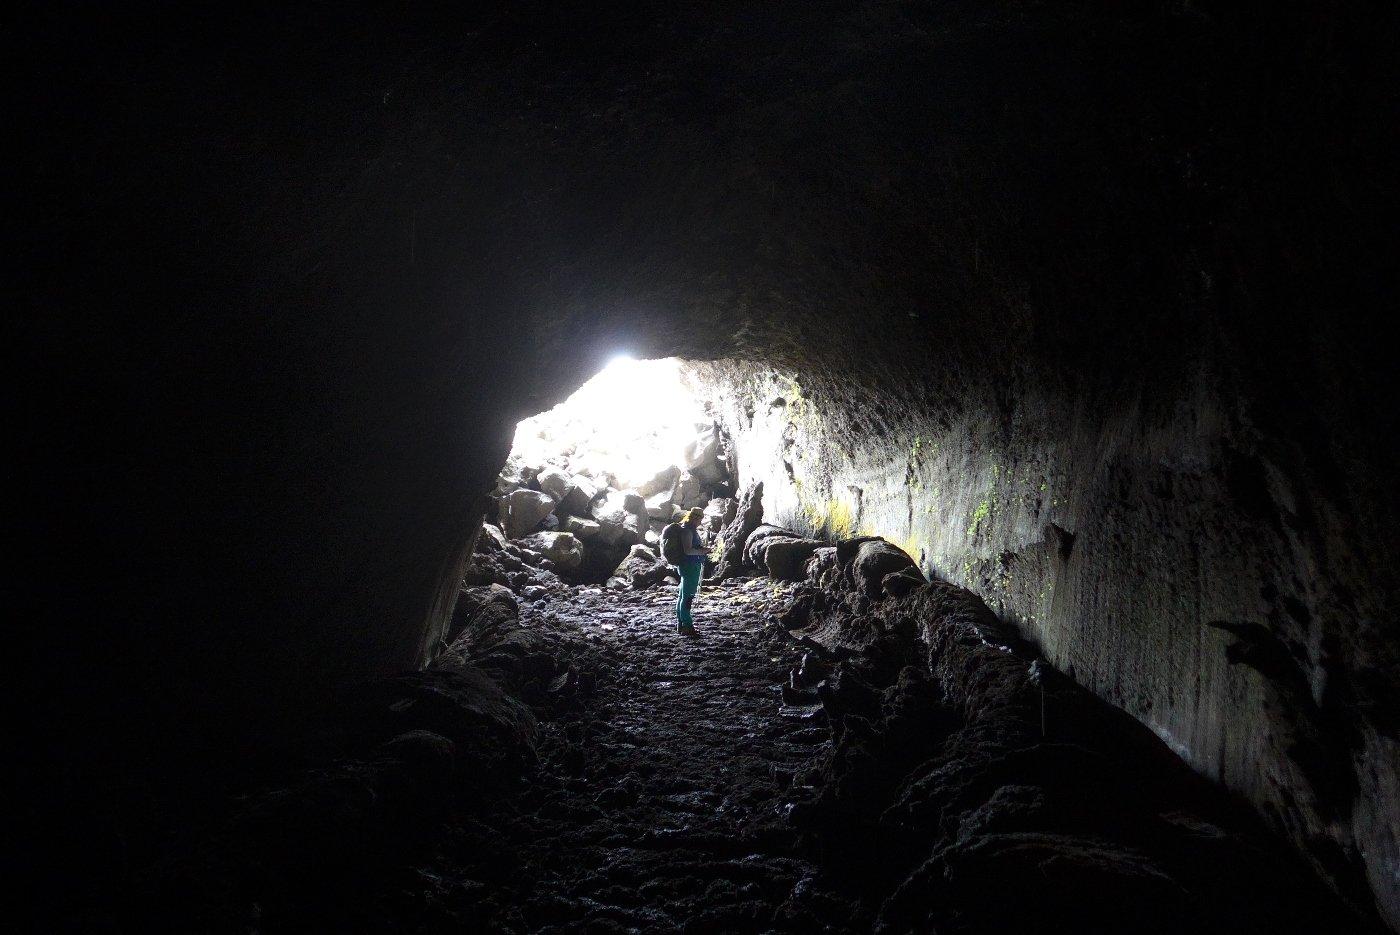 Rotoli (Grotta dei) anello per il Monte Primo Monte 2019-05-18